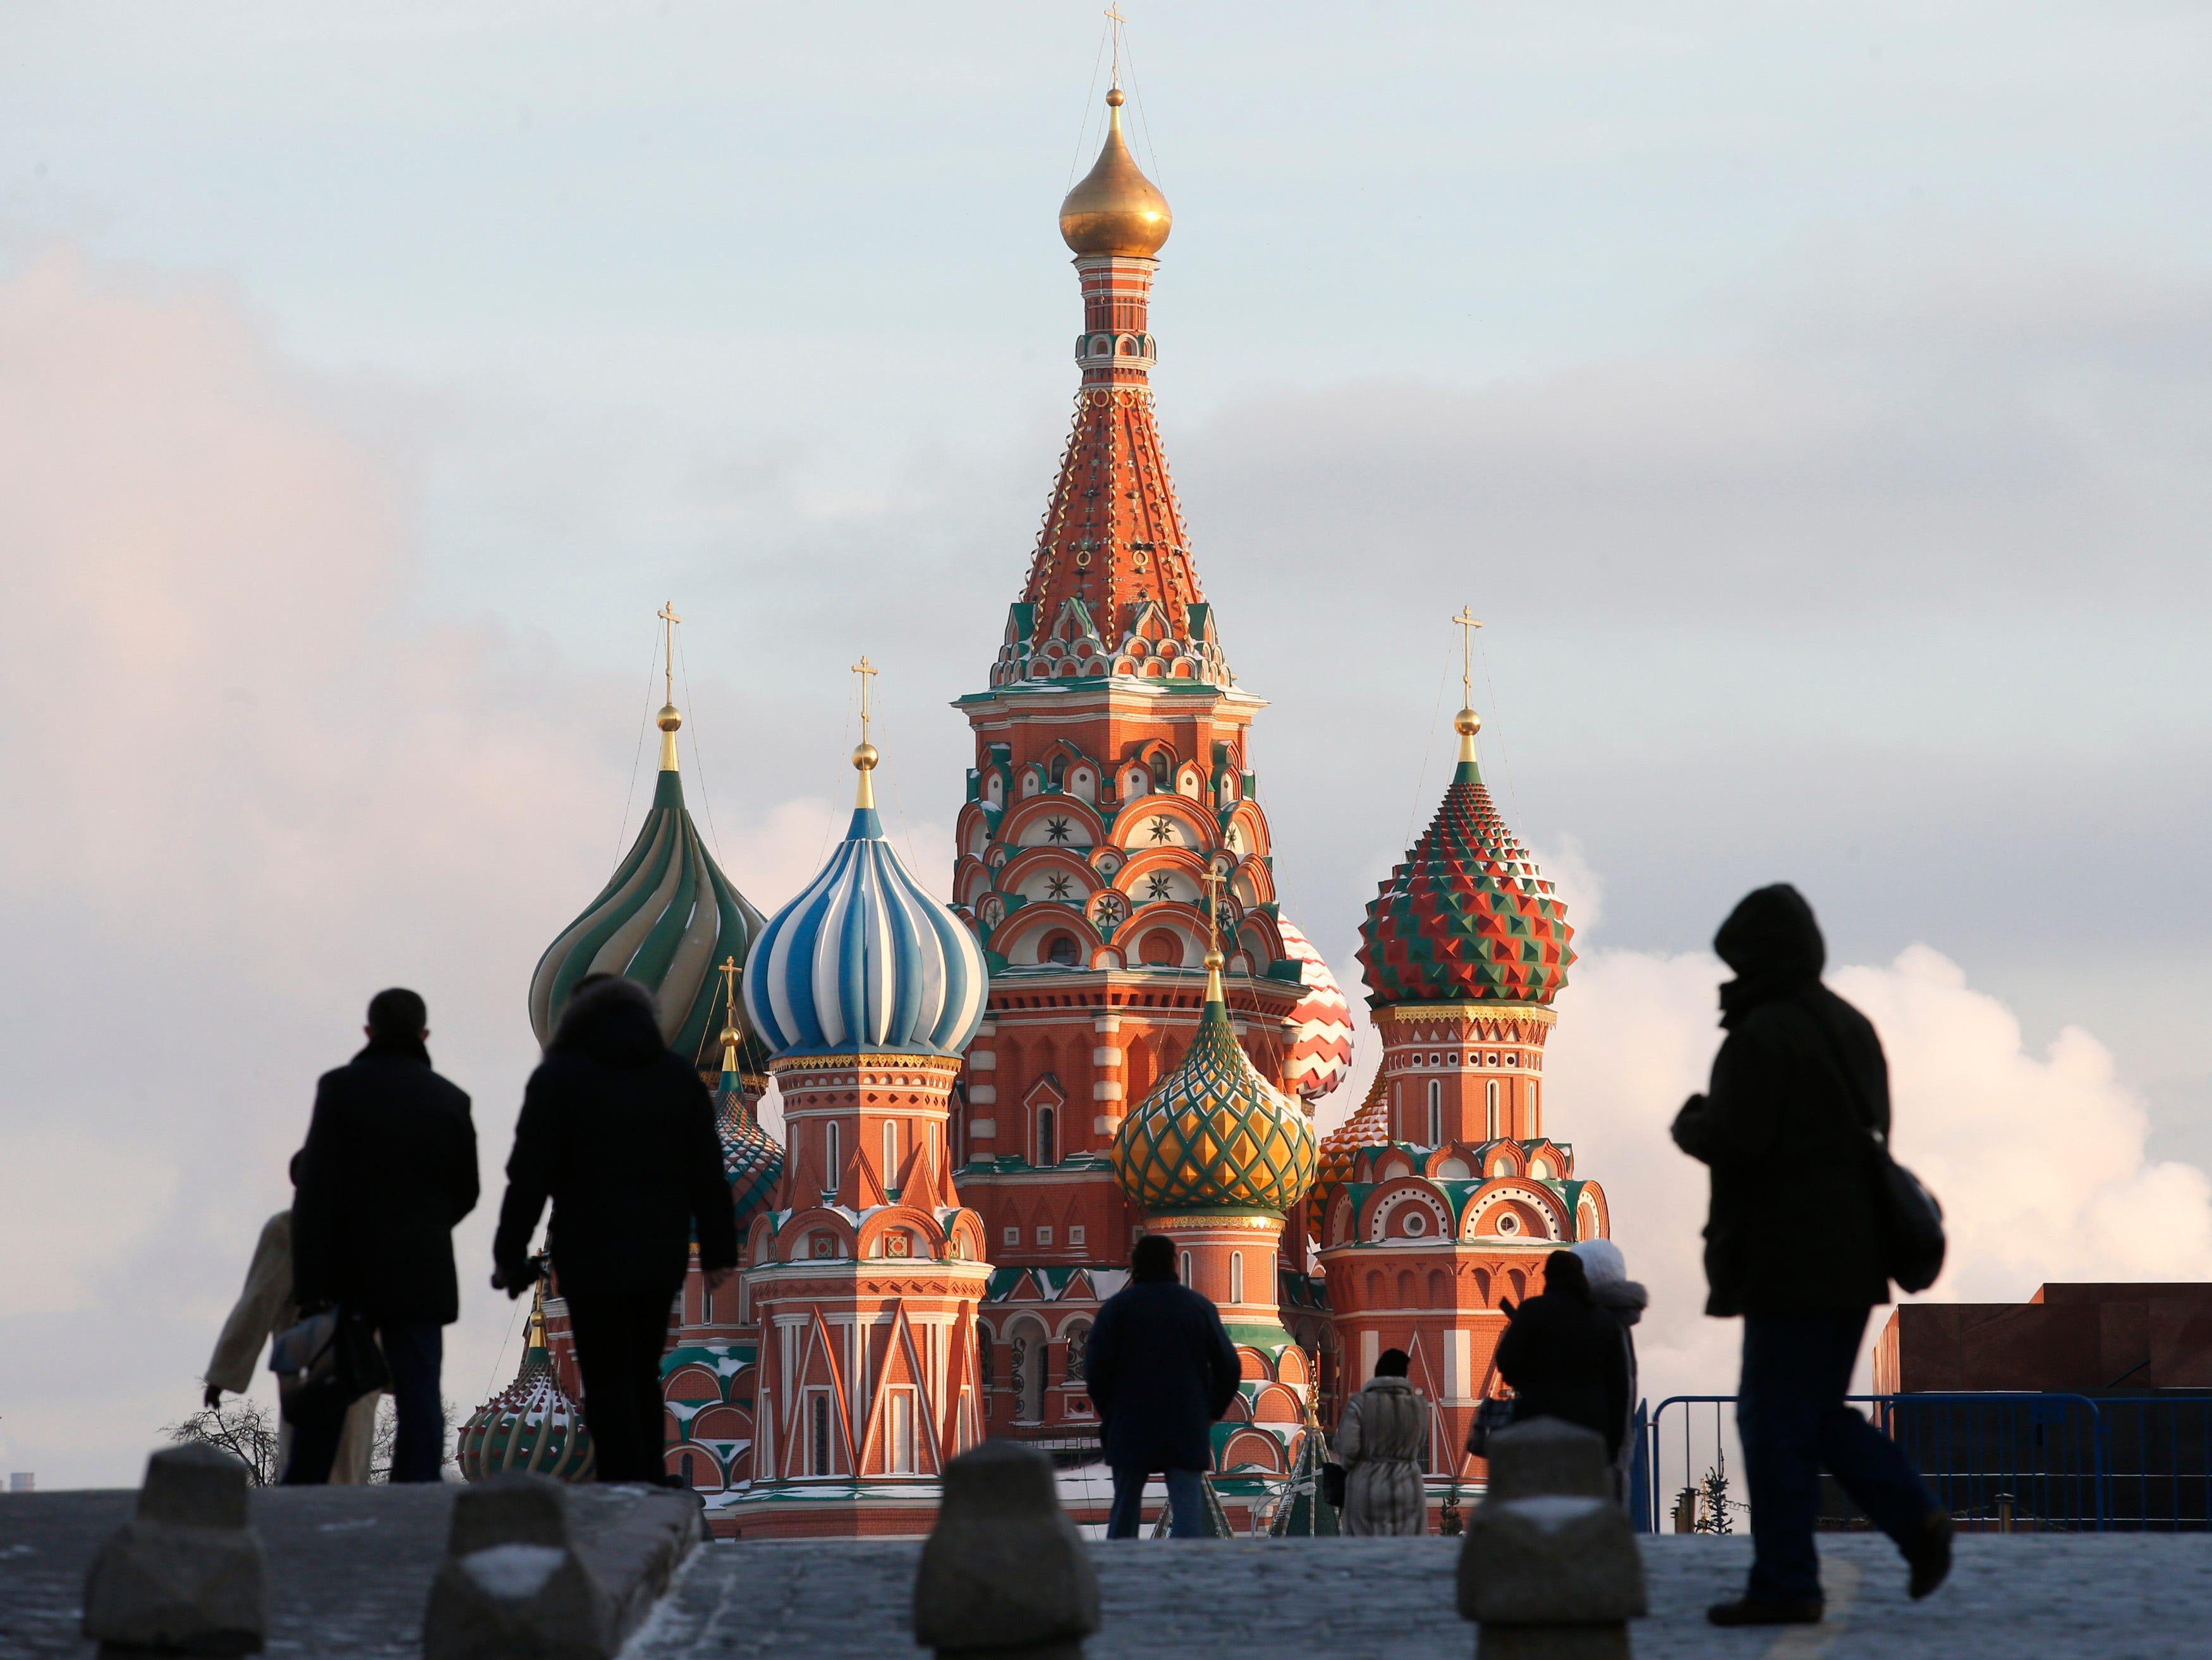 بوتين يواجه عدوا من صنع يده Russia-is-preparing-for-something-at-the-kremlin-while-putins-absence-baffles-everyone